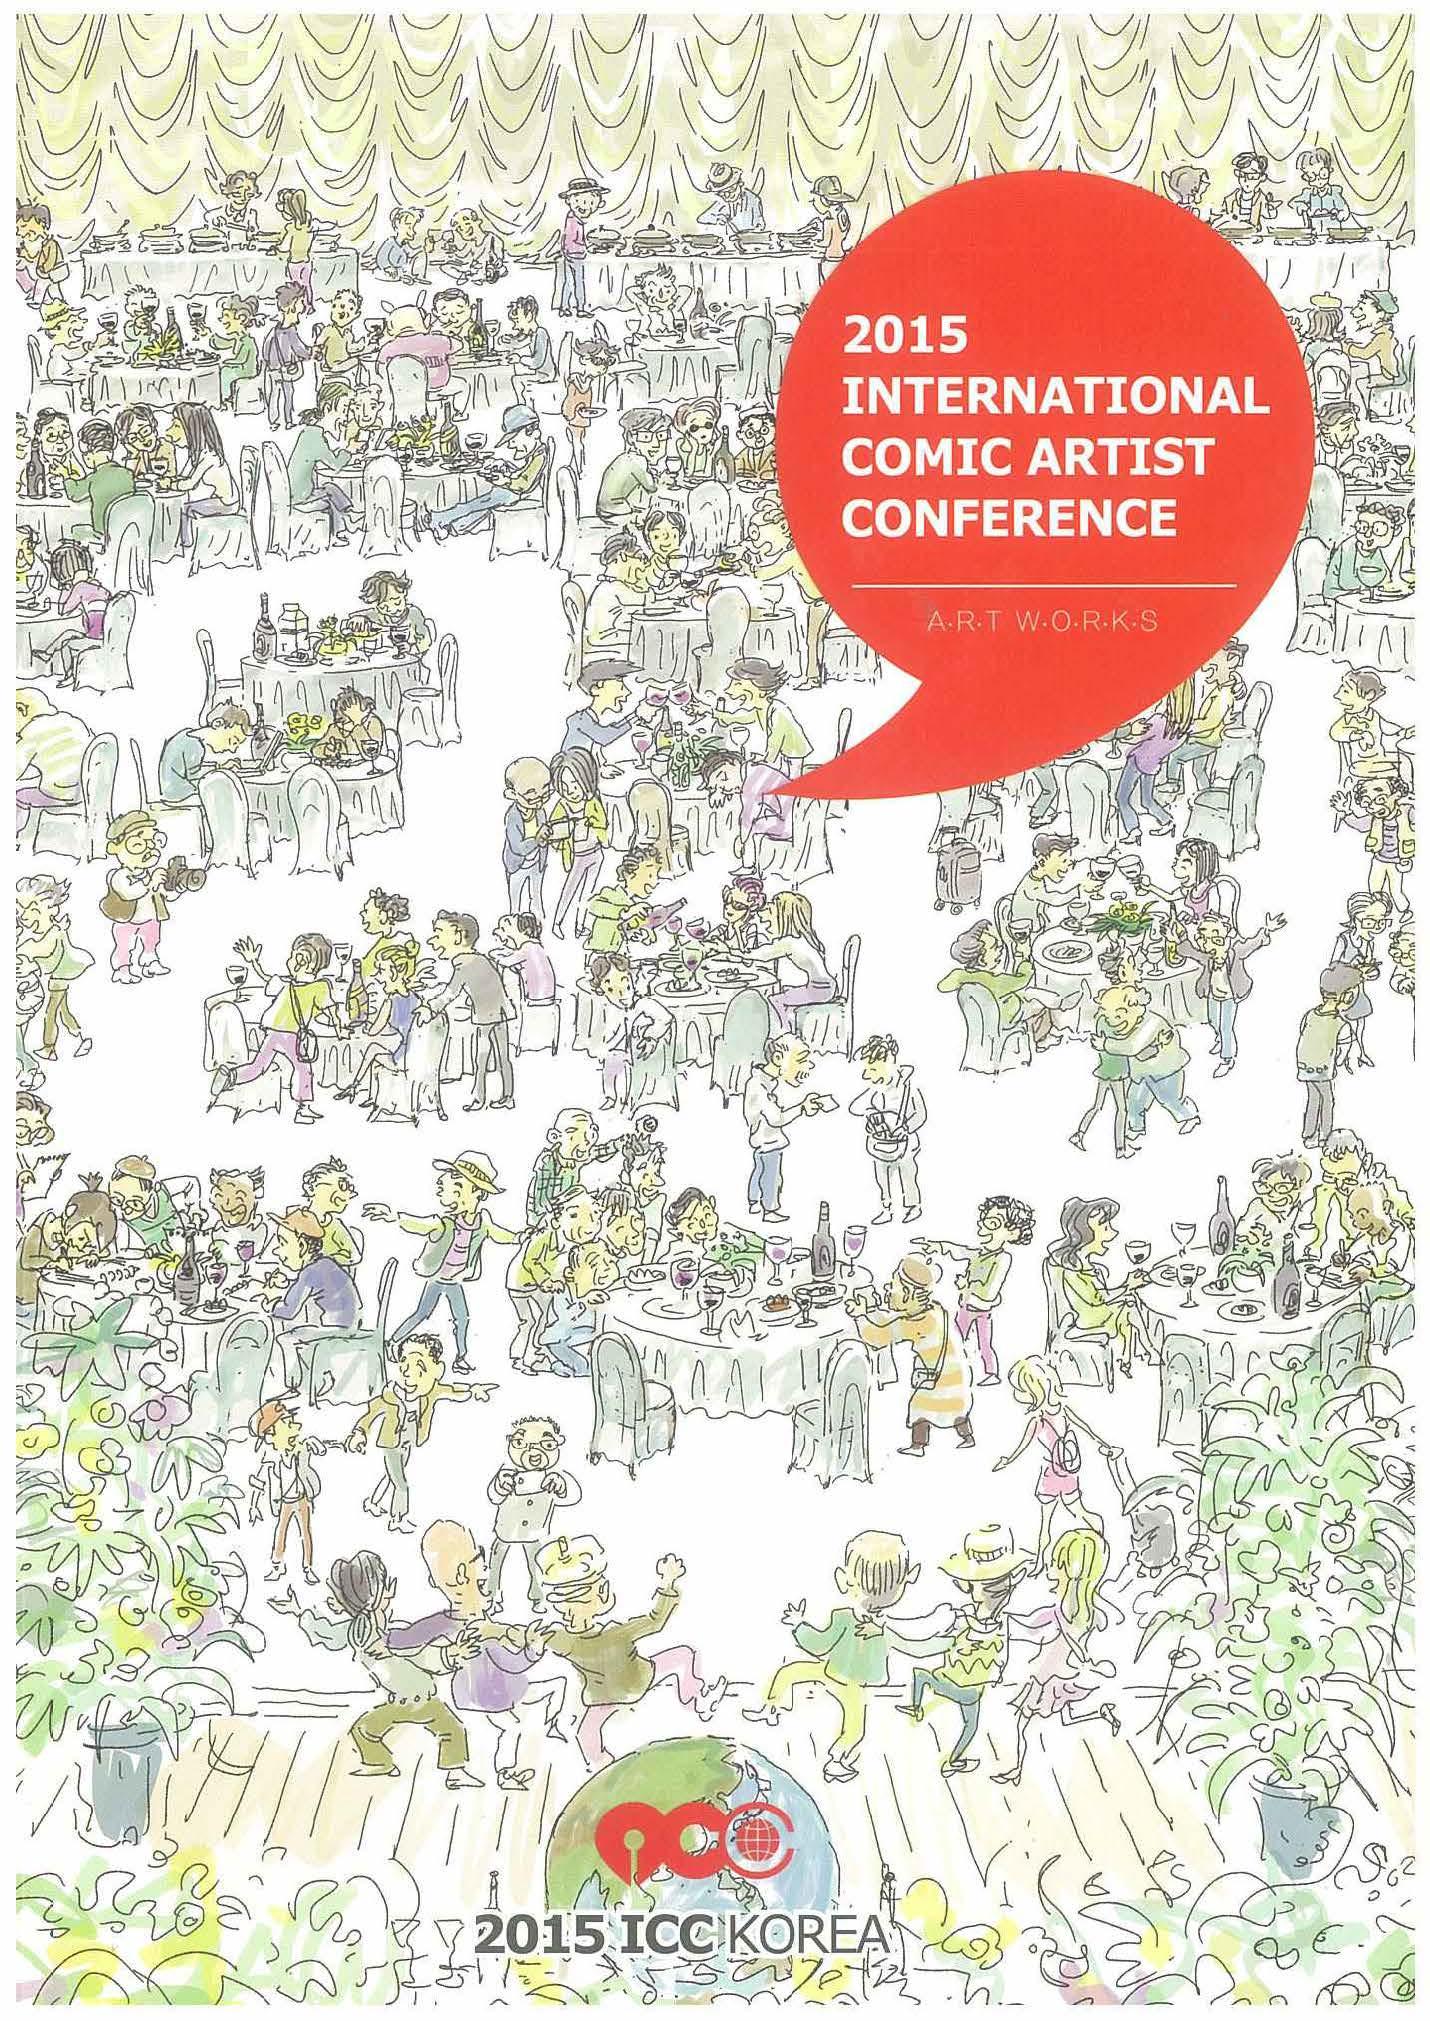 국제만화가대회2015.jpg